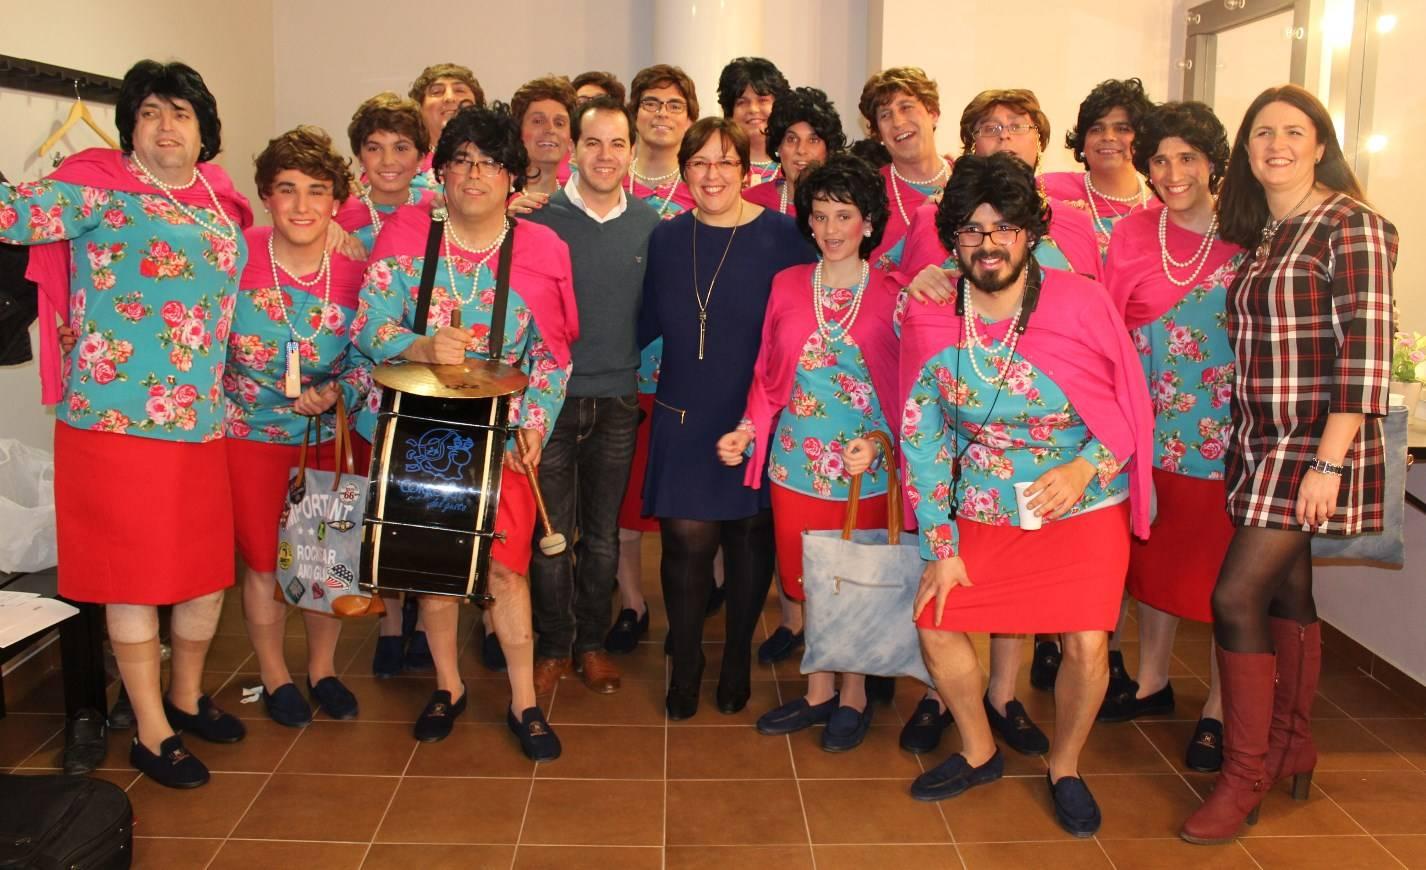 Carmen Olmedo Carnaval de Herencia Pelendengues 1 - Entre Ansiosos, Deseosas y Pelendengues, Herencia se vistió de Carnaval en el último fin de semana de enero